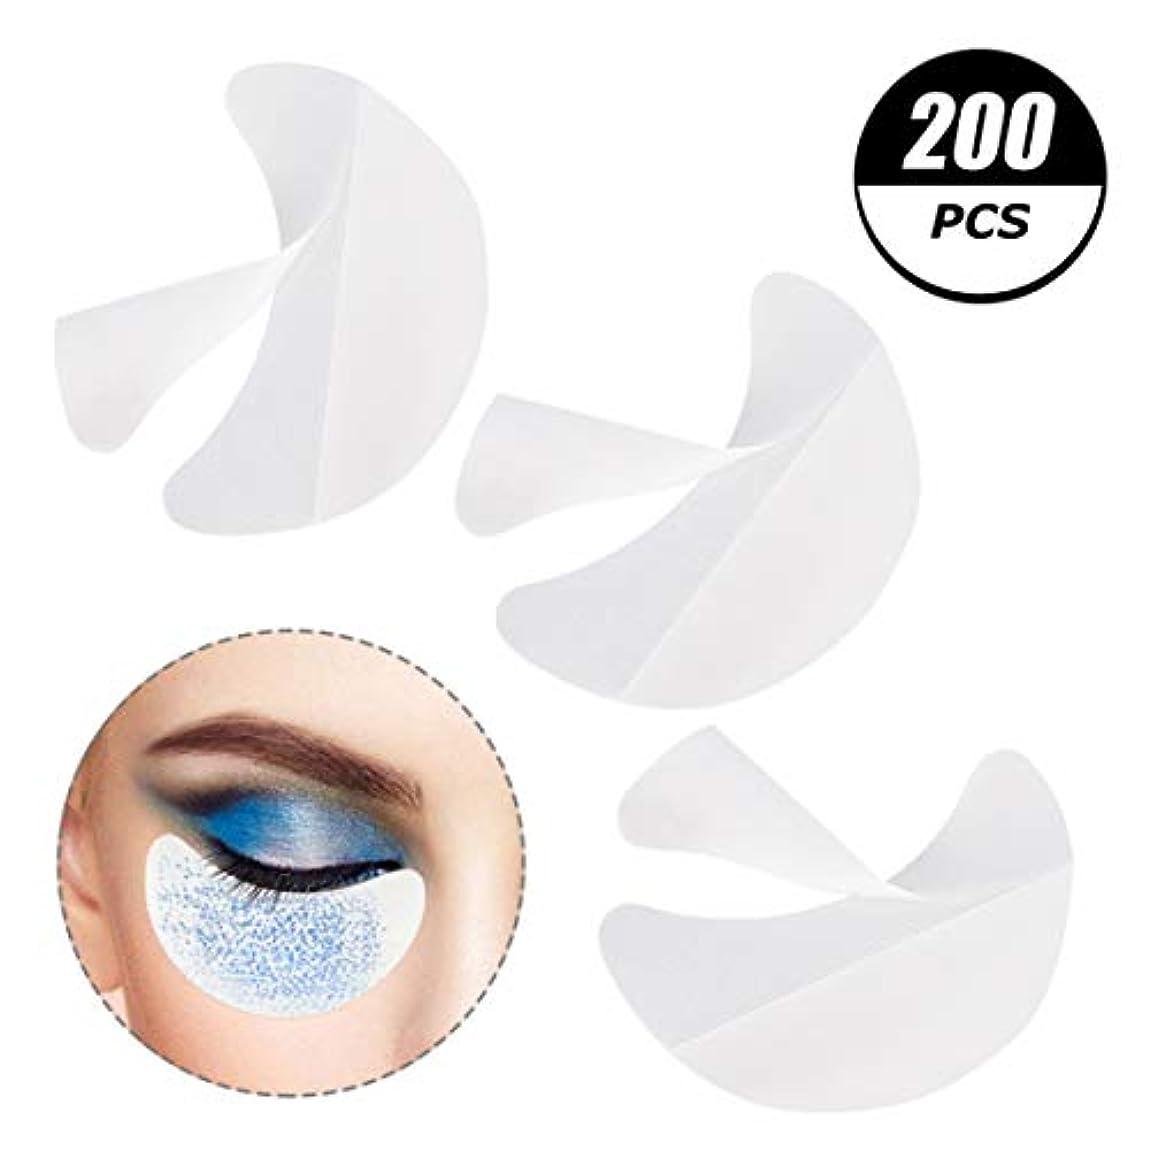 家族リーフレットコメンテーターQuzama-JS アイシャドー拡大、色合いと唇化粧残渣化粧品ツールを防止するためにアイシャドーシールドアイシャドーステンシル